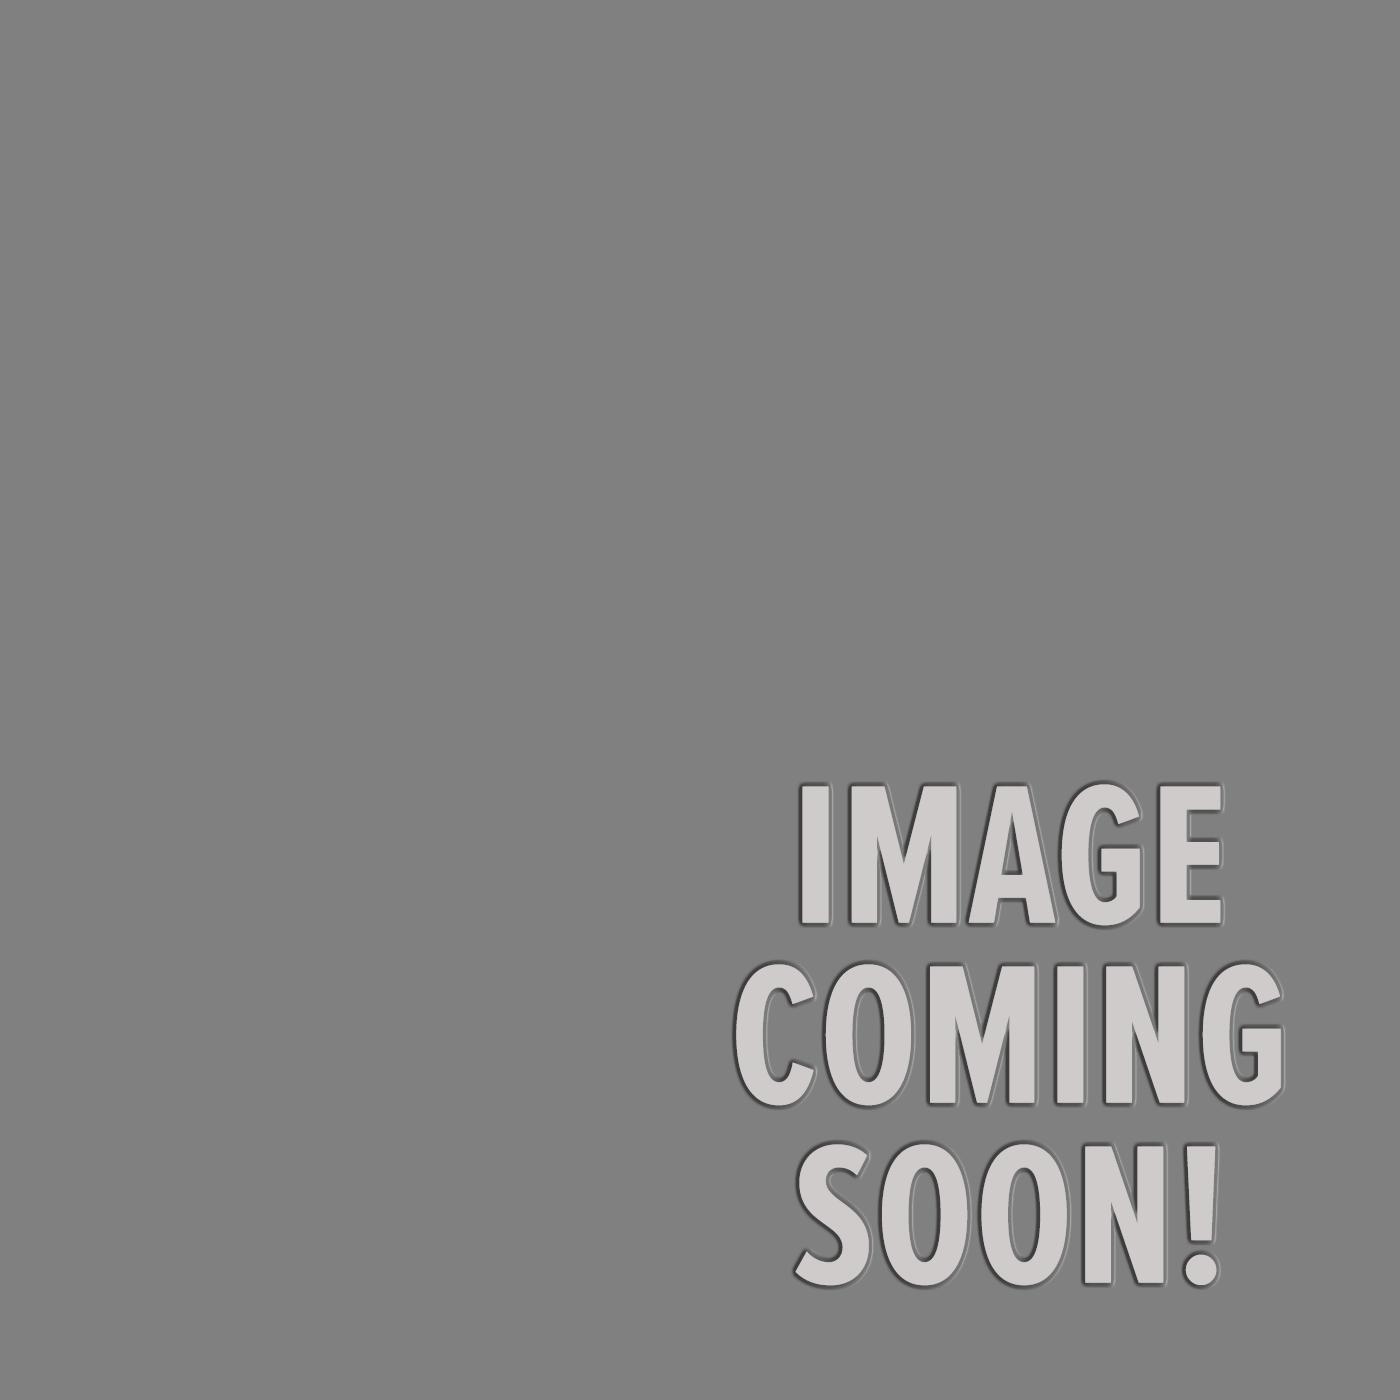 Special Extended Financing On KRK at SamAsh.com